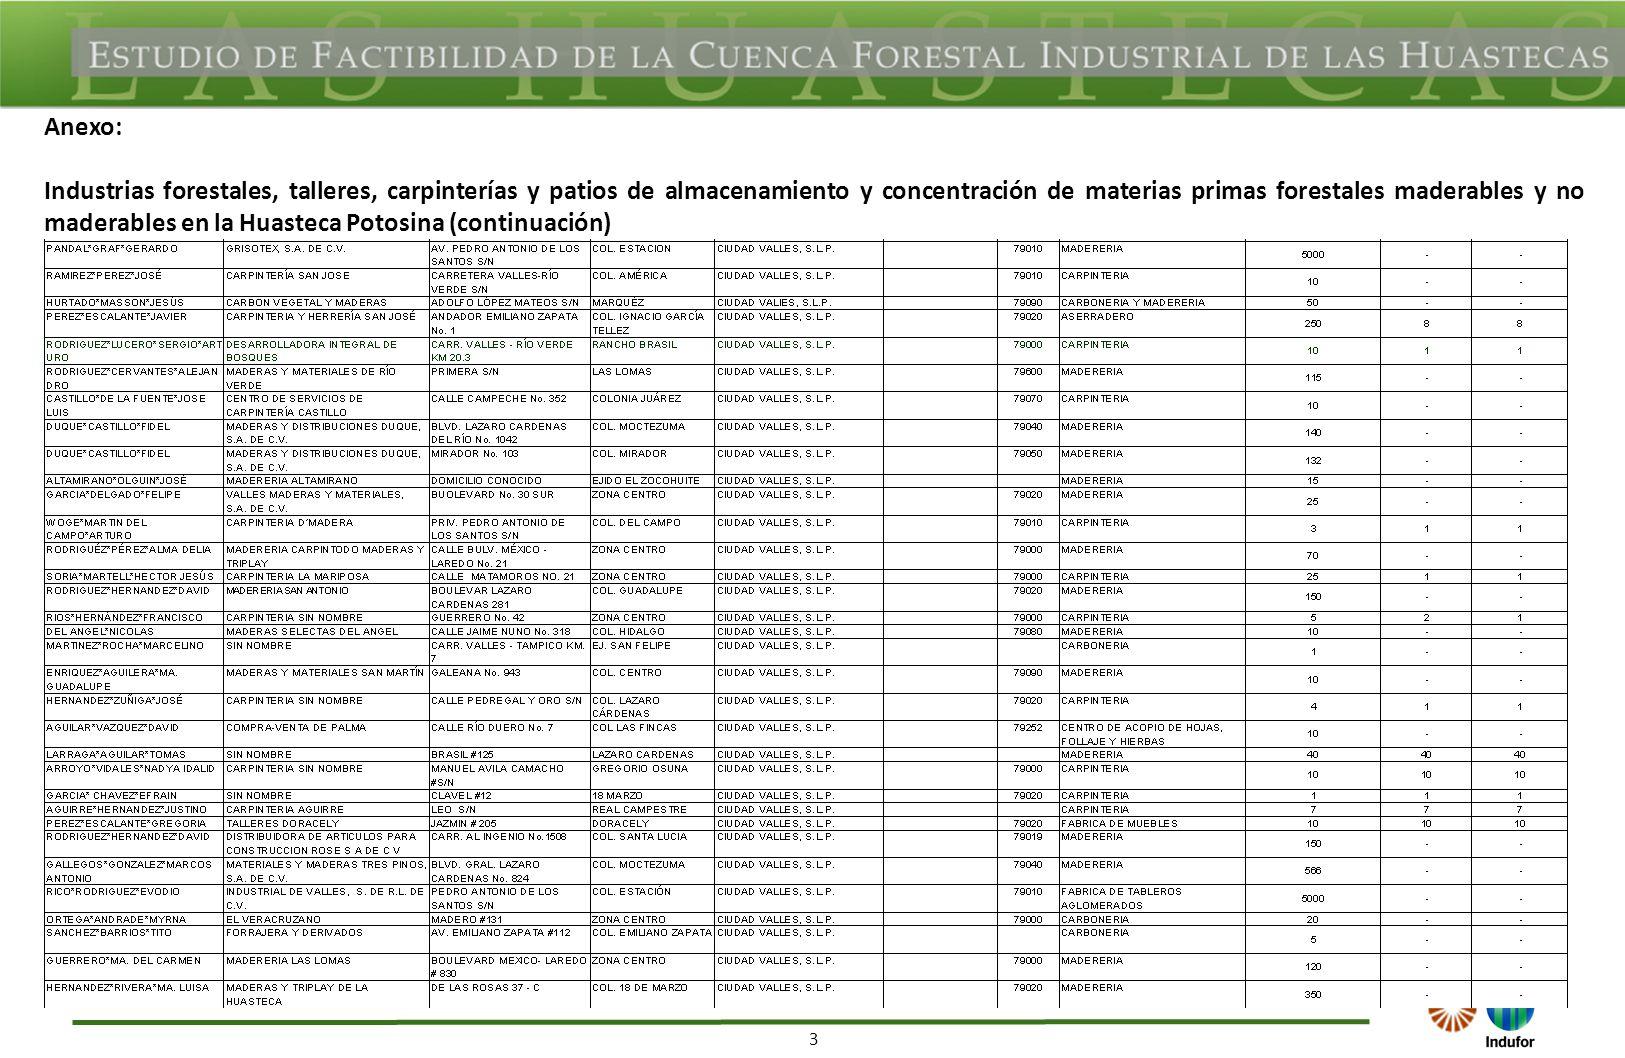 3 Anexo: Industrias forestales, talleres, carpinterías y patios de almacenamiento y concentración de materias primas forestales maderables y no maderables en la Huasteca Potosina (continuación)